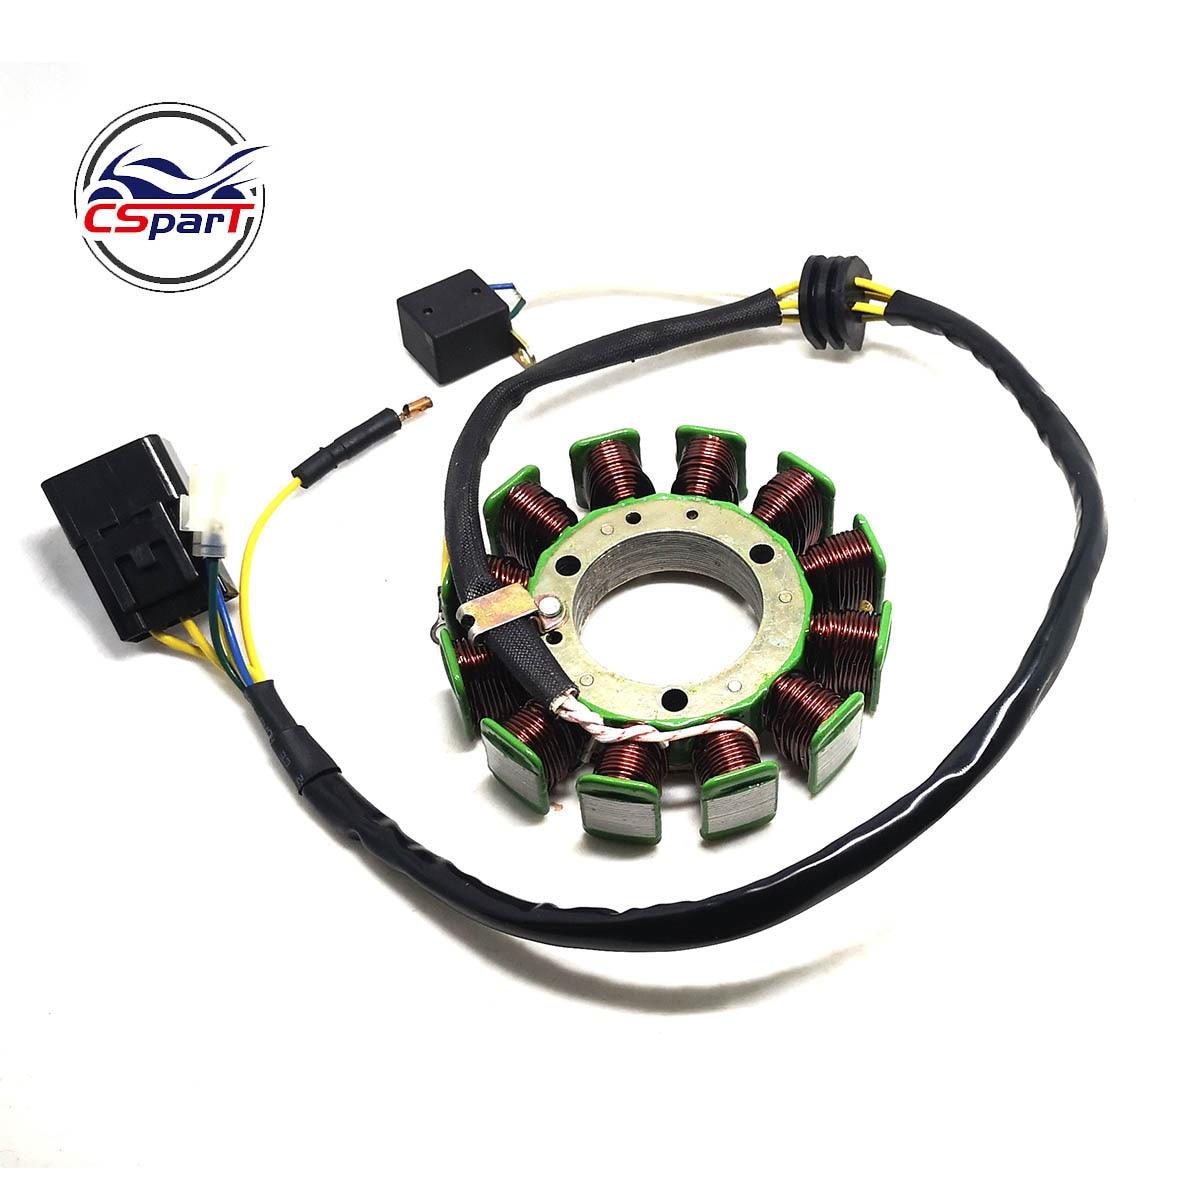 12 катушек 6 проводов 115 мм обмотка статора магнита для Kazuma XinYang Jaguar 500 500CC ATV Quad Parts